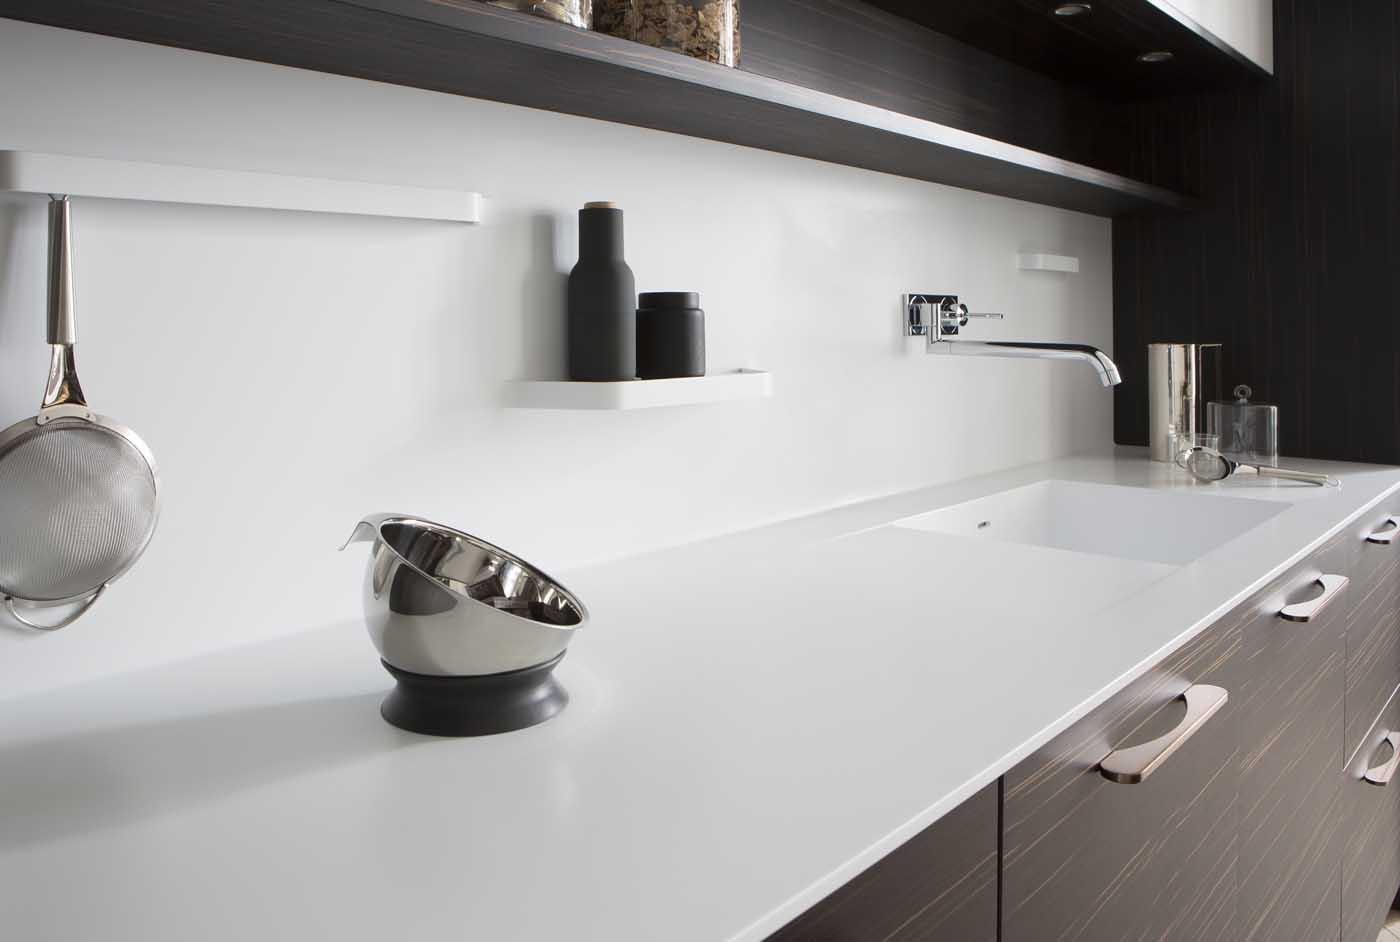 Cuisine b600h placage eb ne de macassar l500 laque blanc for Placage cuisine